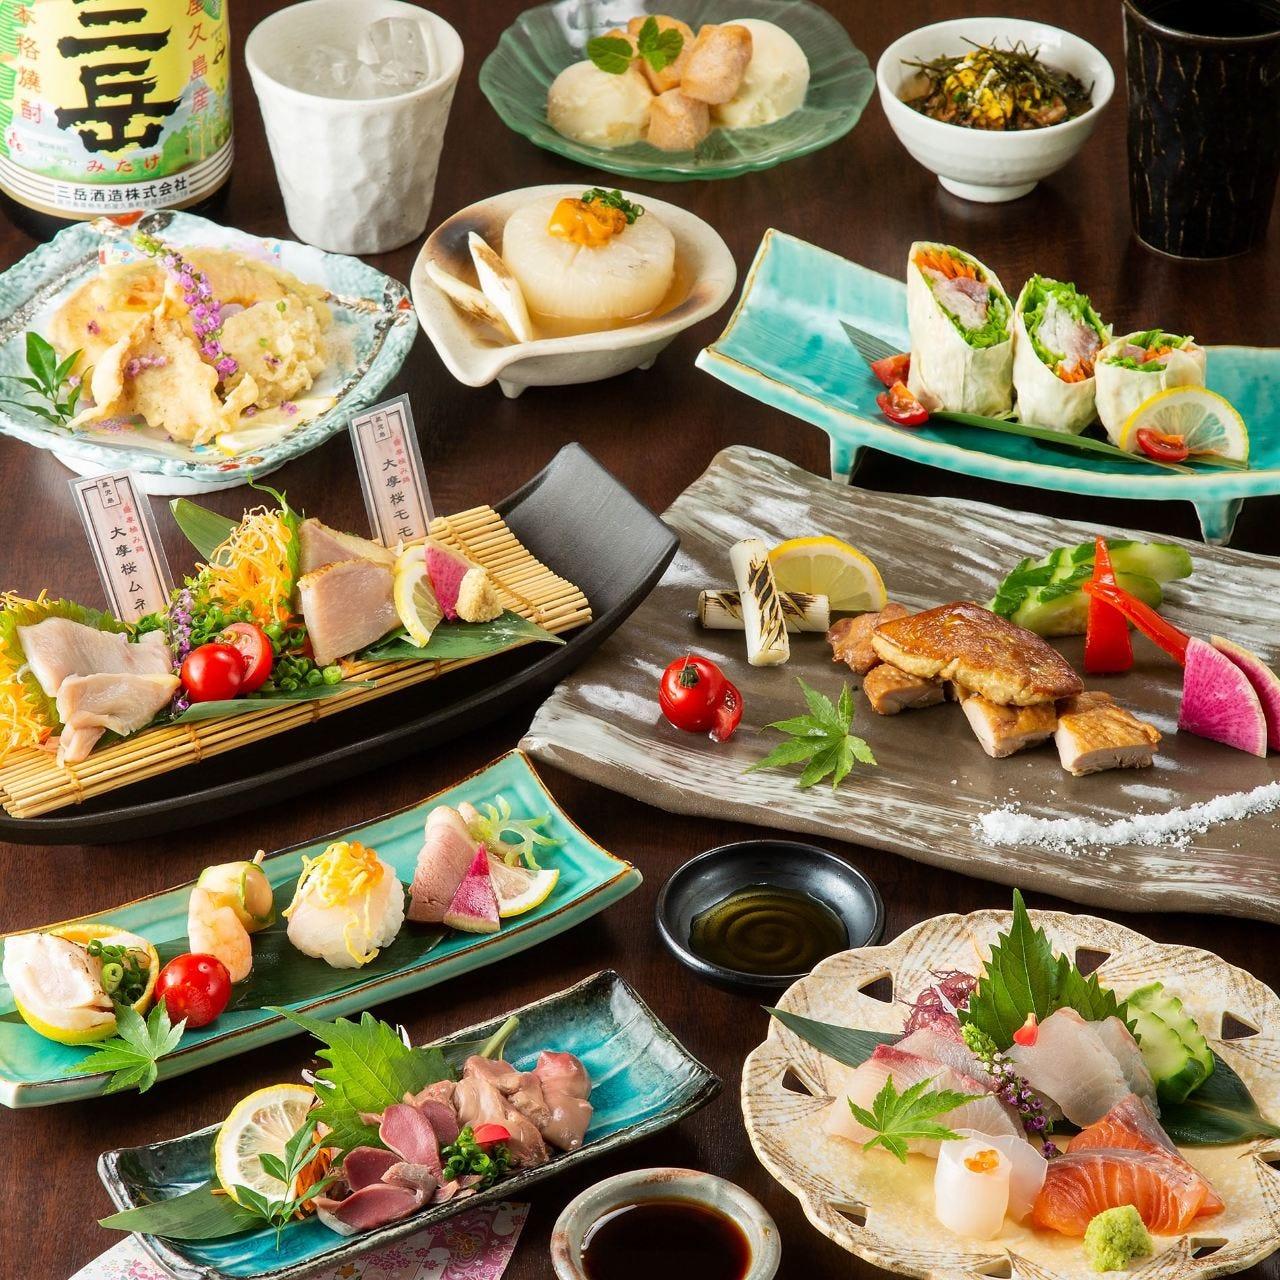 <特別>大摩桜とフォアグラのミルフィーユステーキがメイン!黄金鶏コース■3時間飲み放題付き